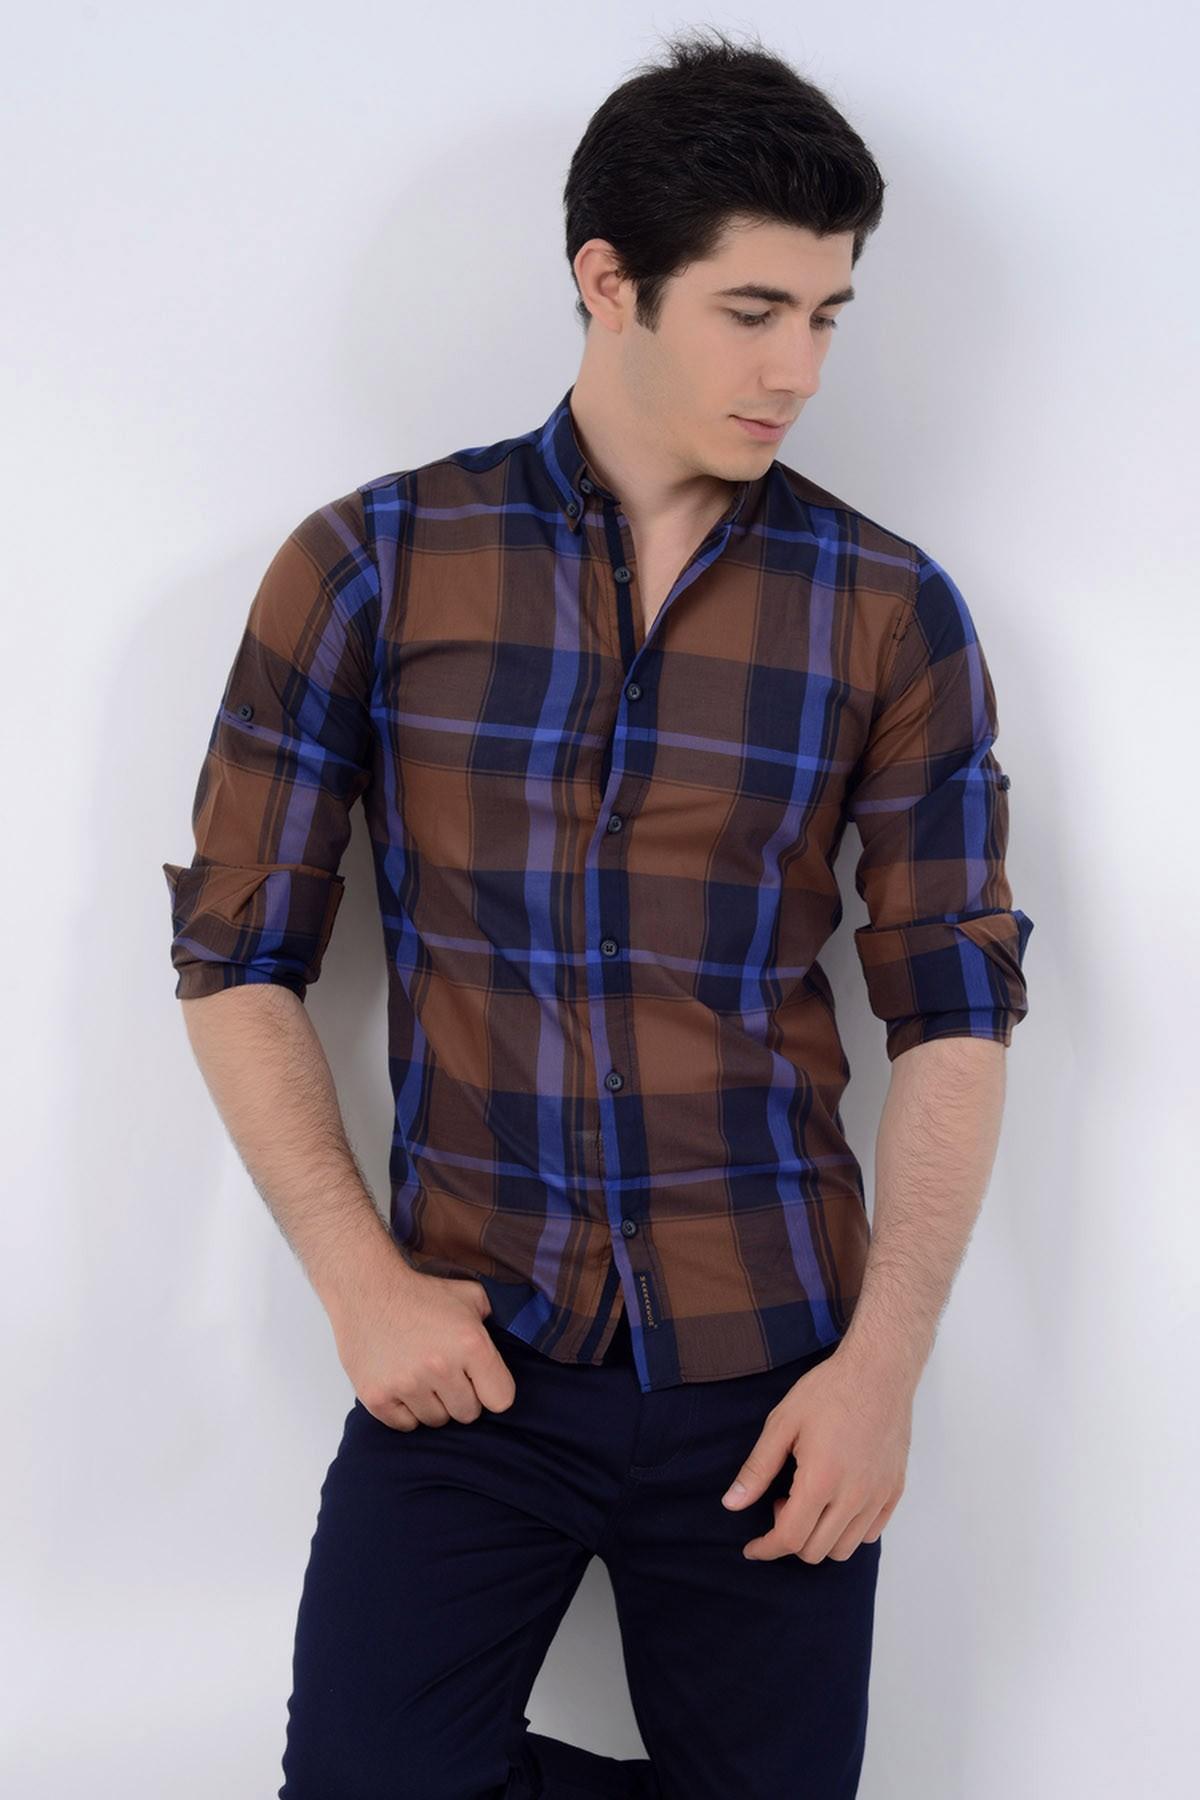 صورة صور ملابس الشباب , اشيك لبس للشباب السنادي